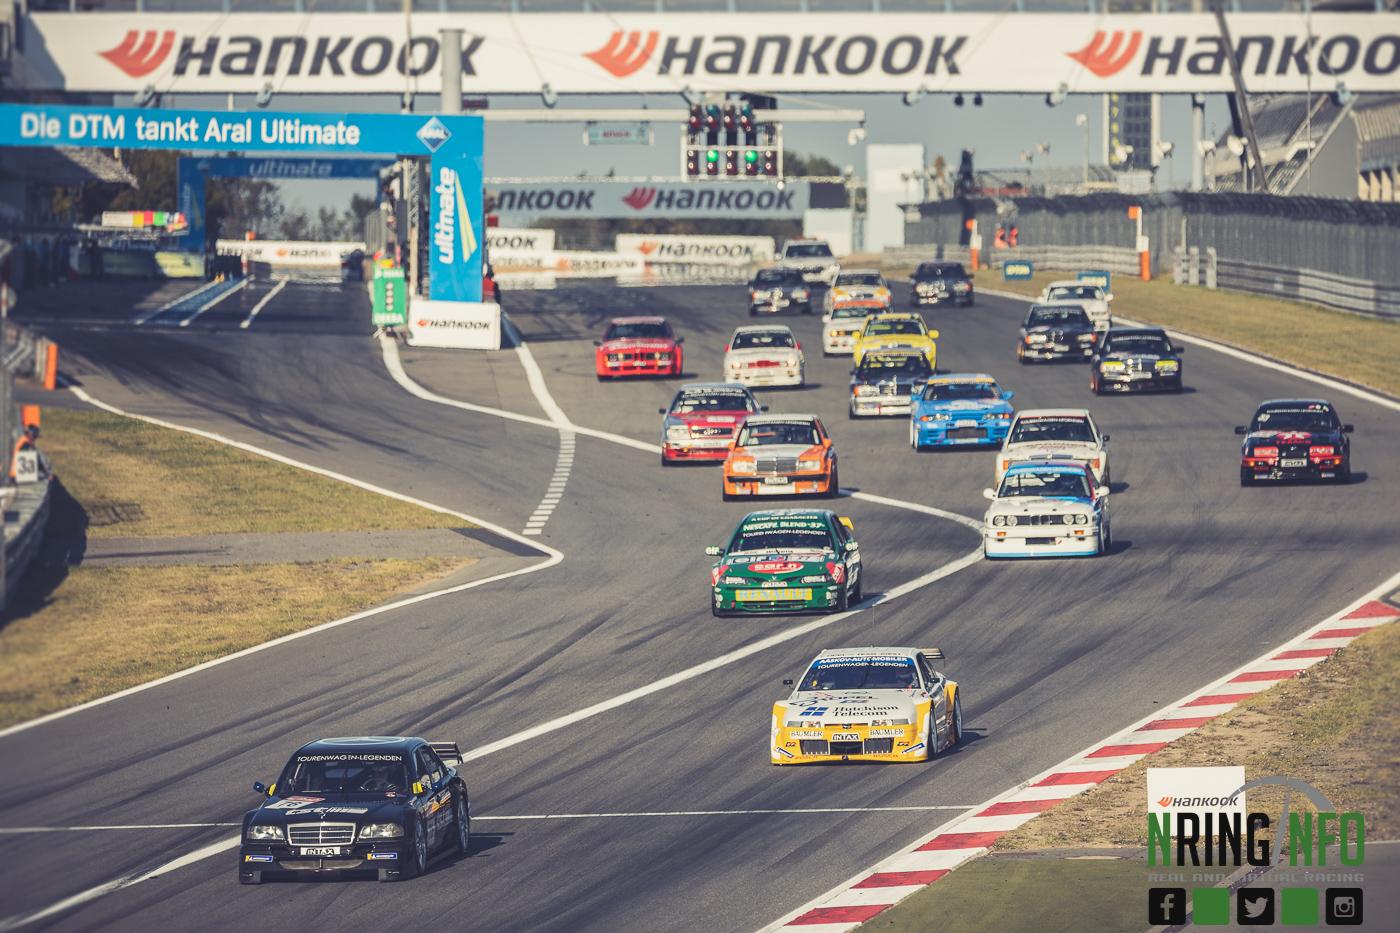 DTM Classic bringt Motorsport-Geschichte auf die Rennstrecke: Tourenwagen Legenden an sechs Rennwochenenden am Start